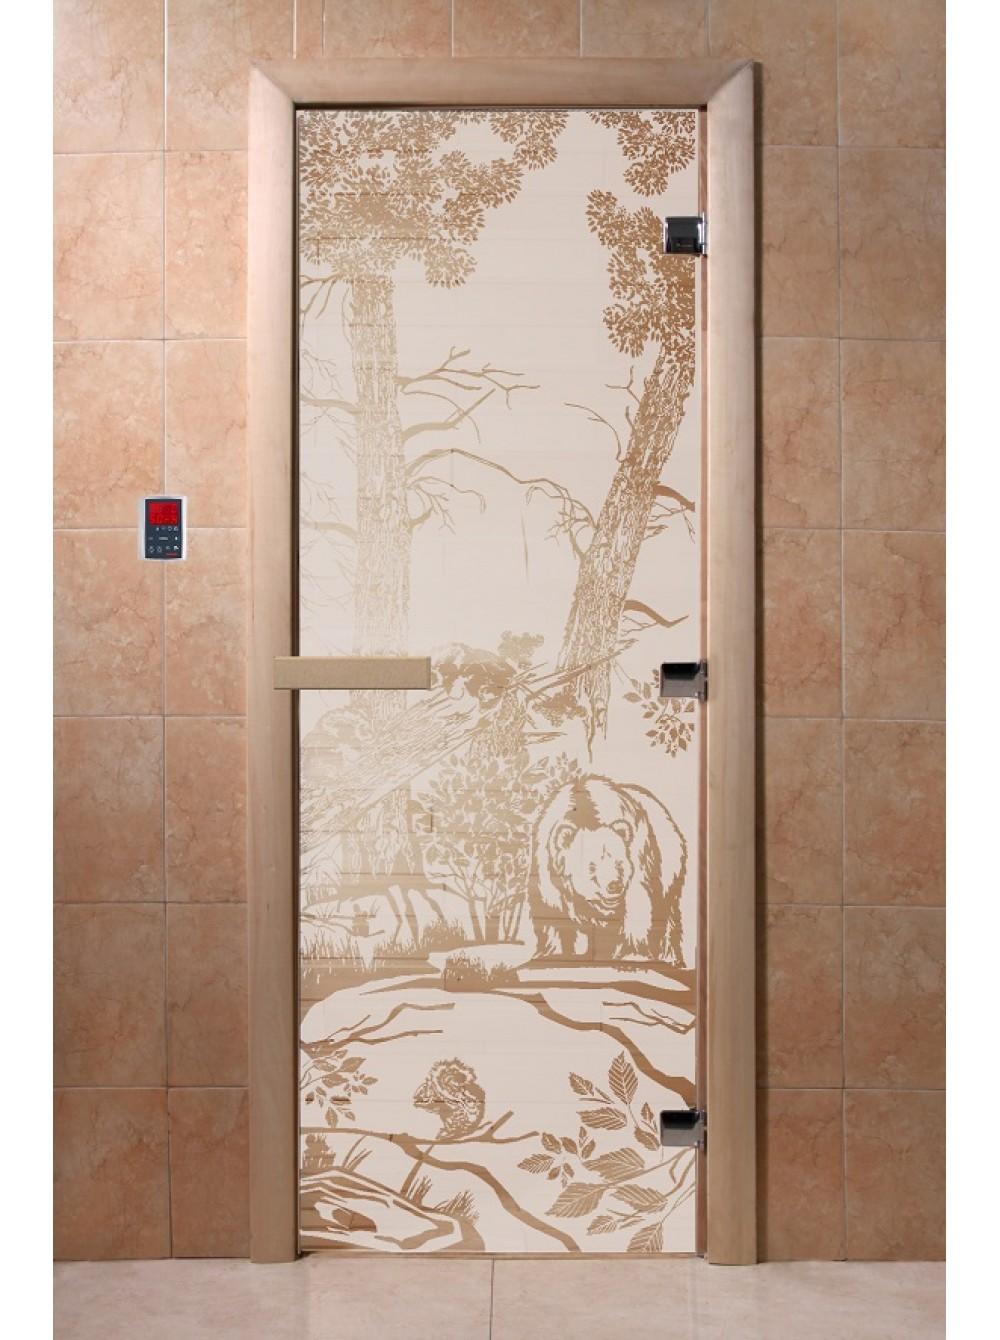 двери для парилки стеклянные с рисунком фото получаемый домашнего